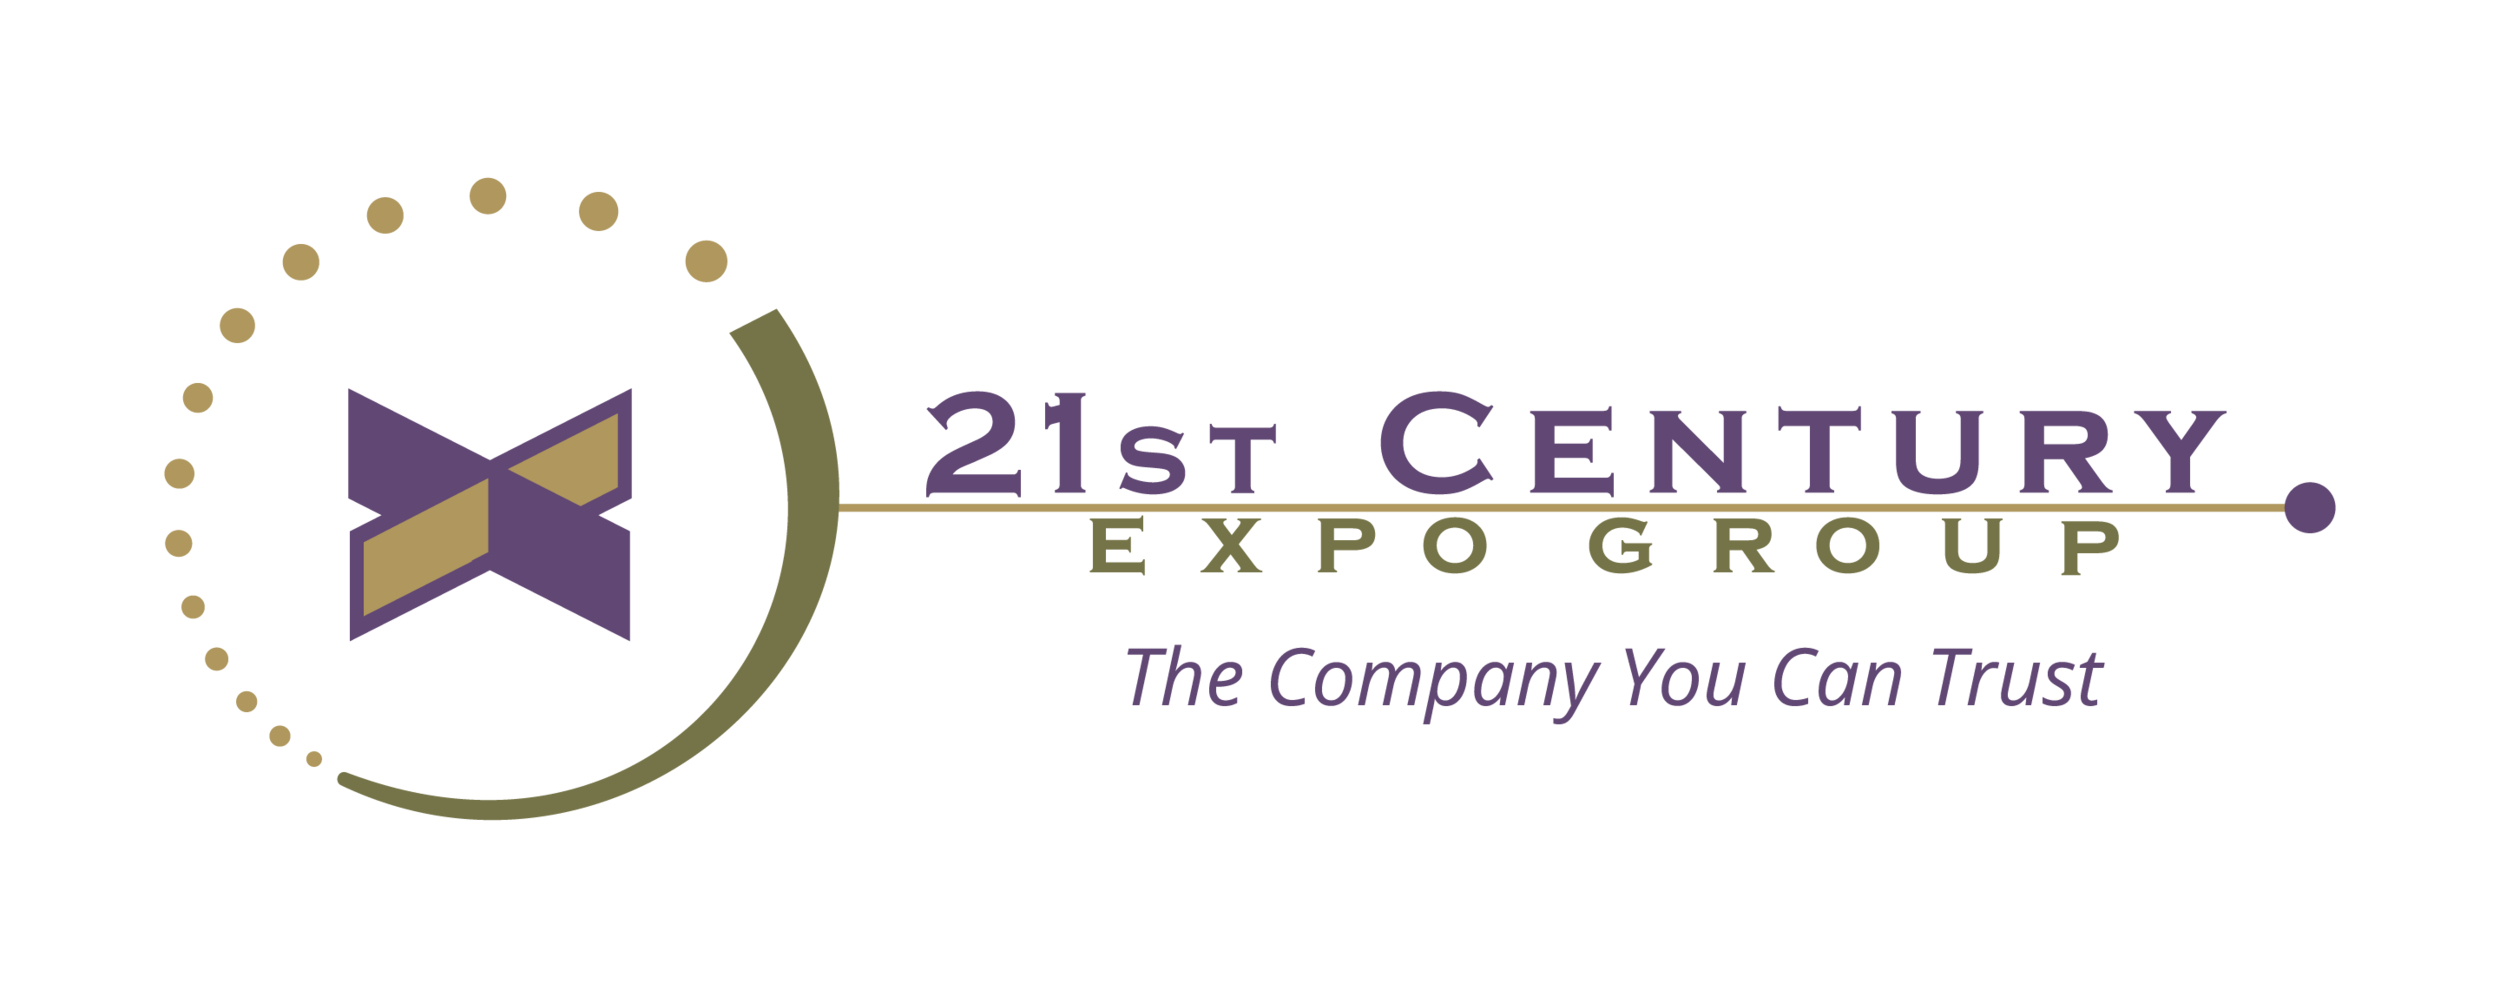 21stCEG-logo-Original.png